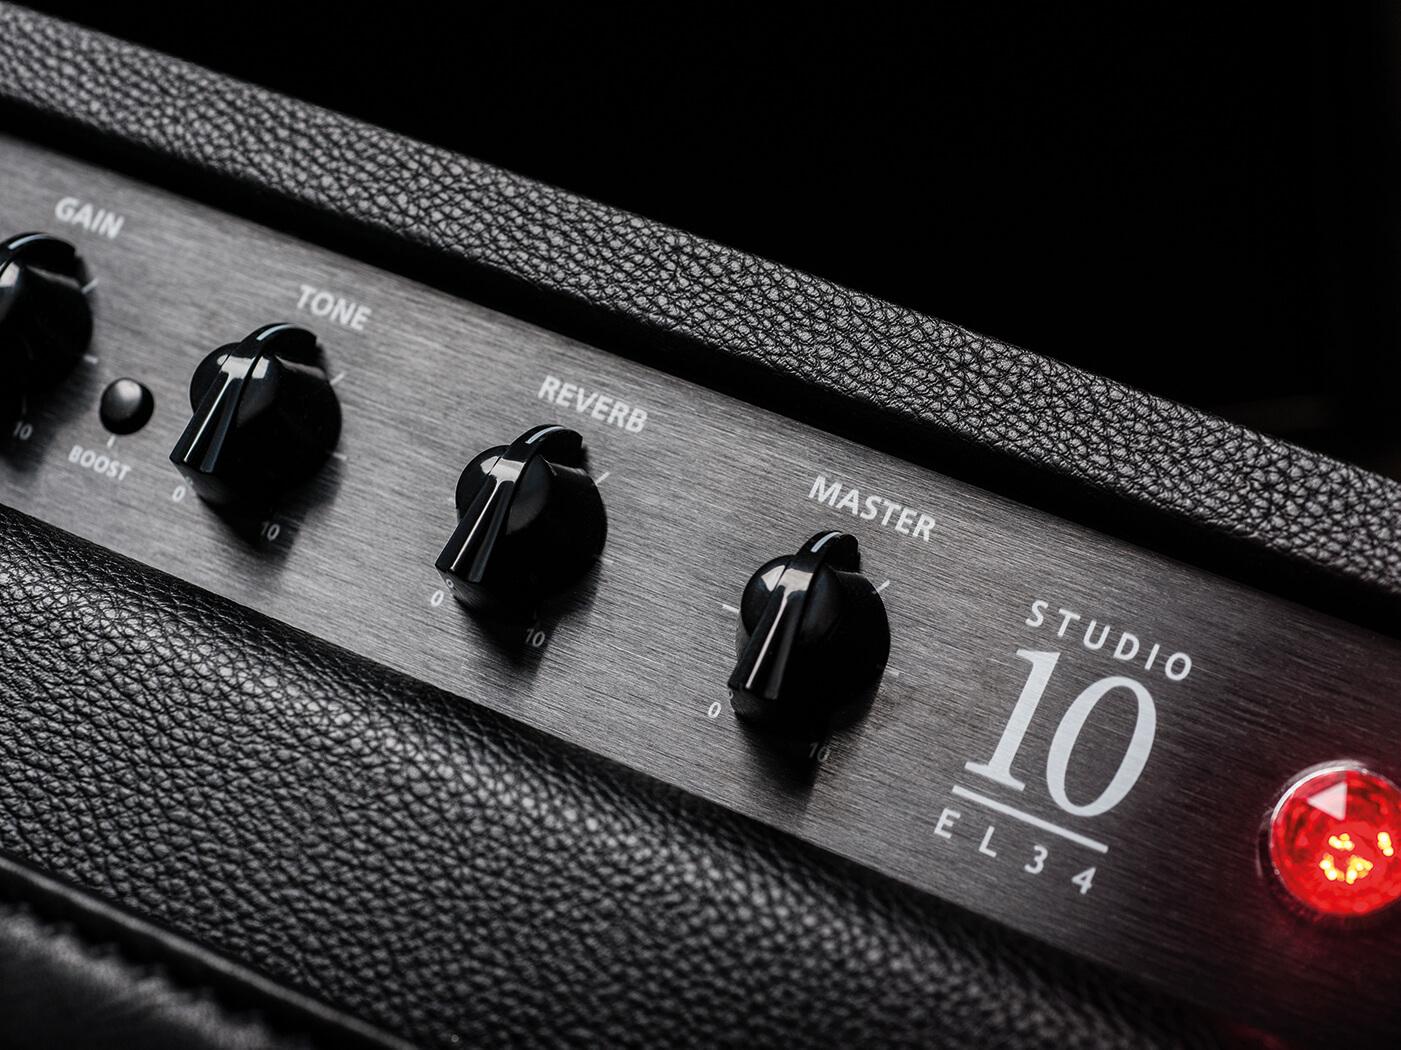 Blackstar Studio Review 10EL34